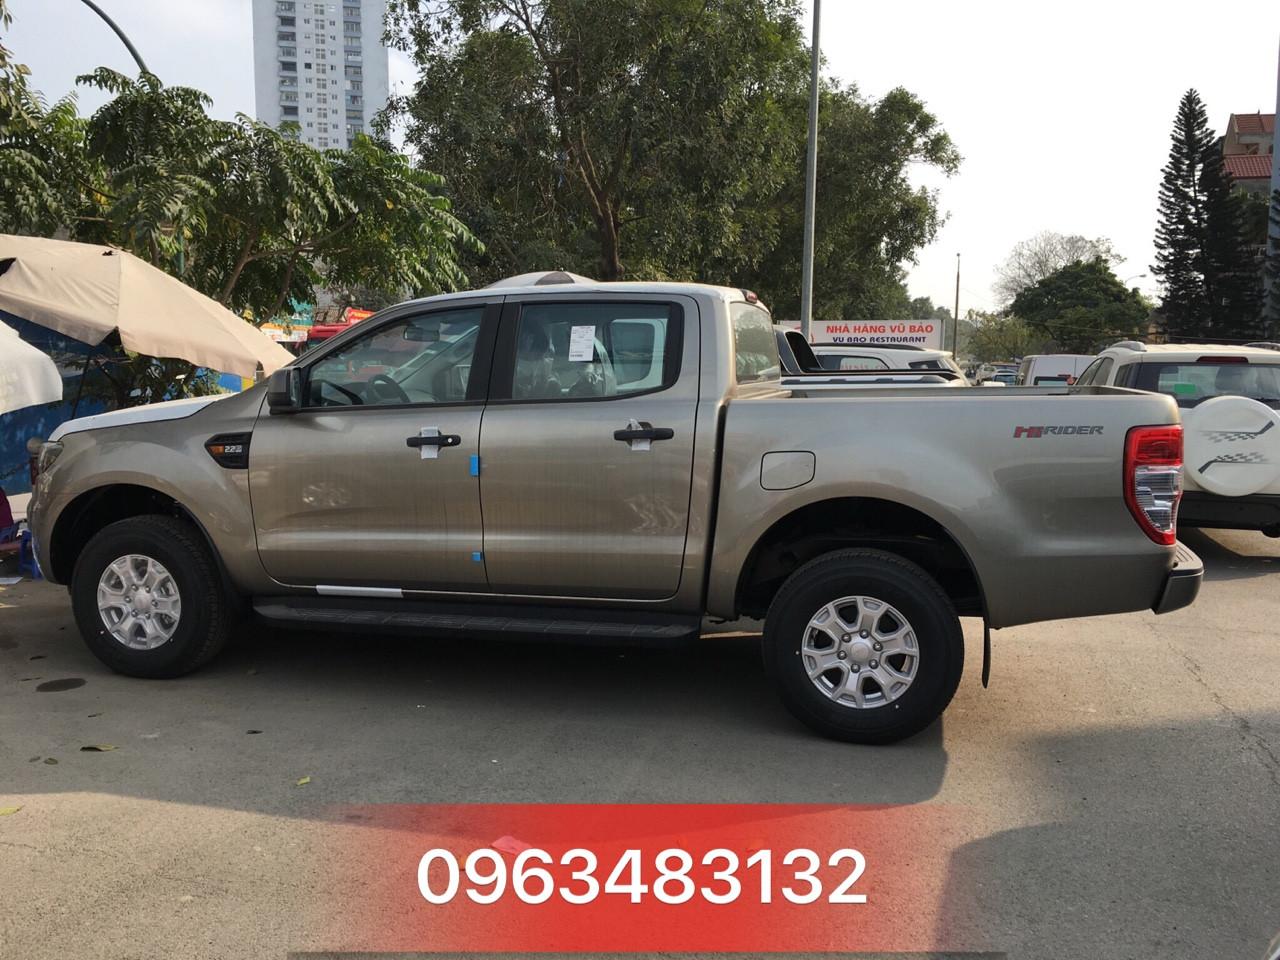 Ford Ranger XLS AT vàng giá rẻ đang bán tại An Đô Ford